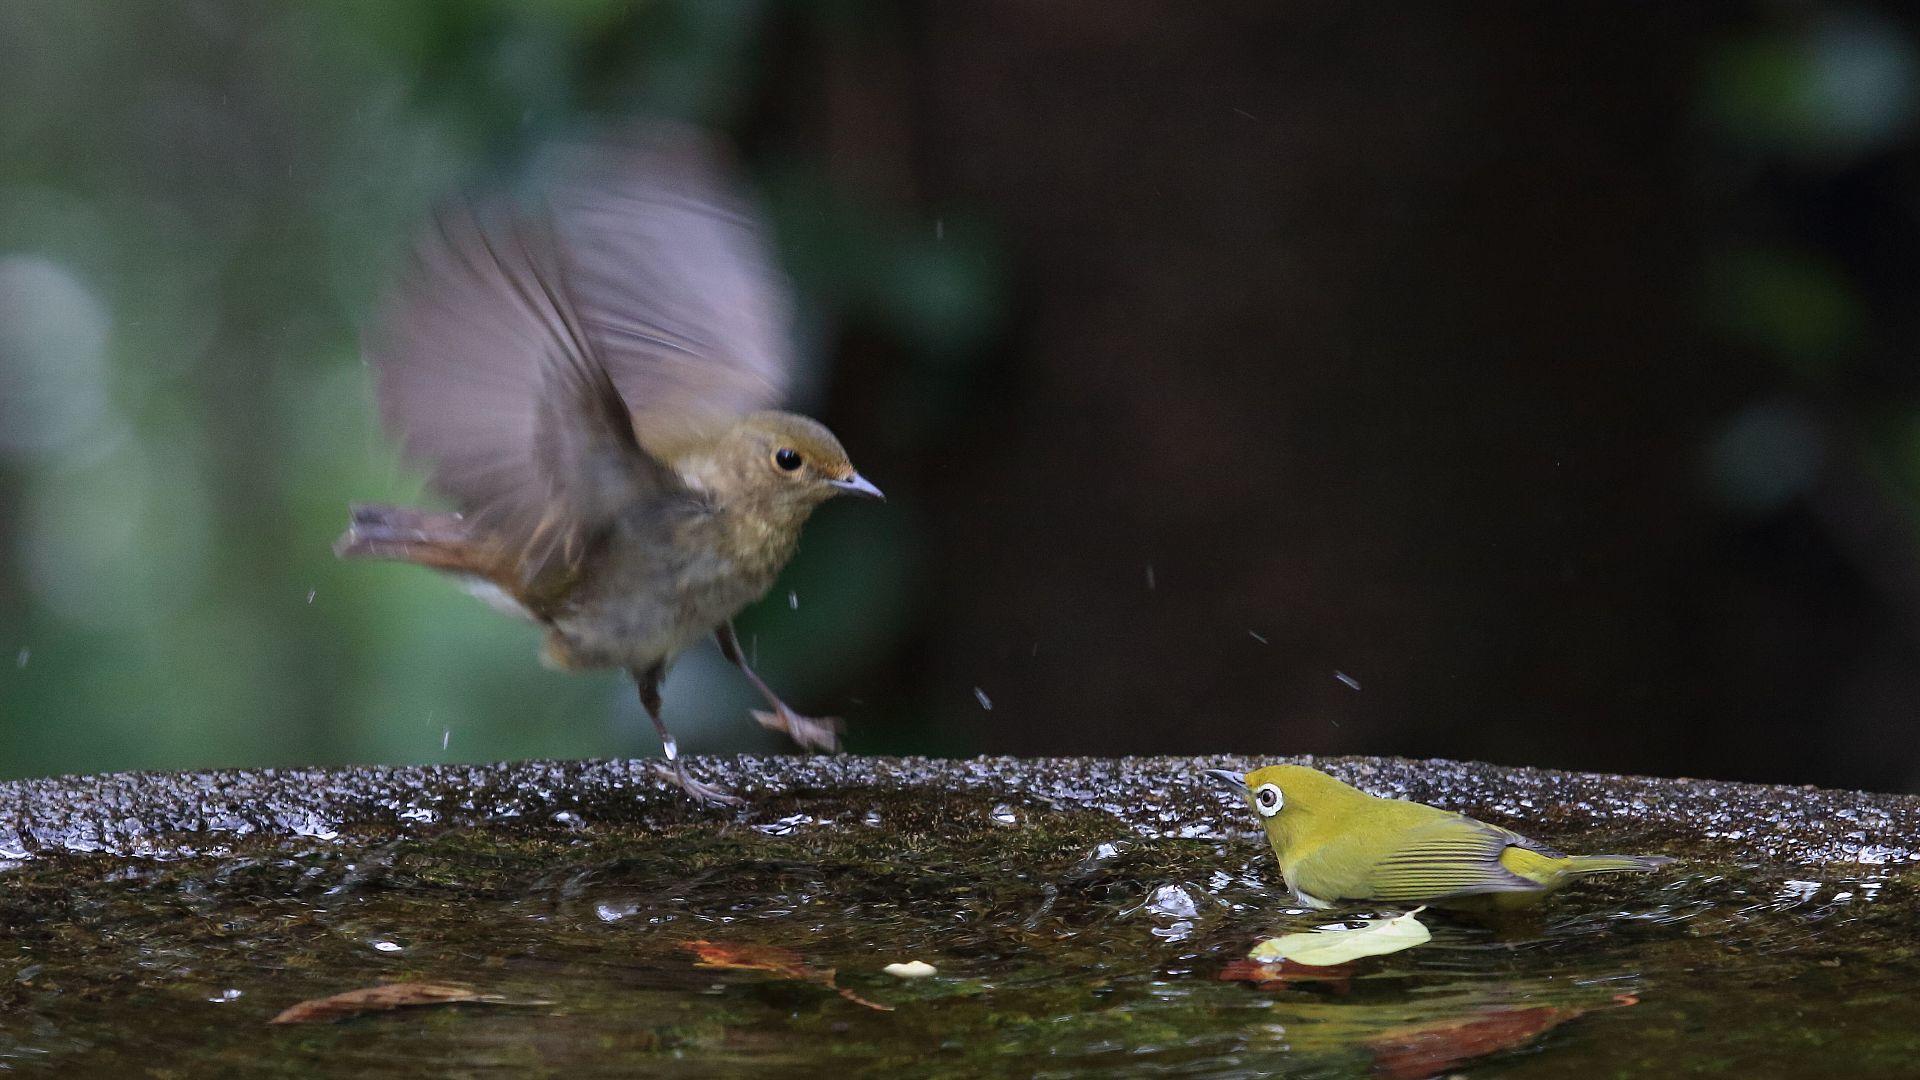 メジロに水場から追い出されるキビタキ幼鳥_f0105570_21312142.jpg